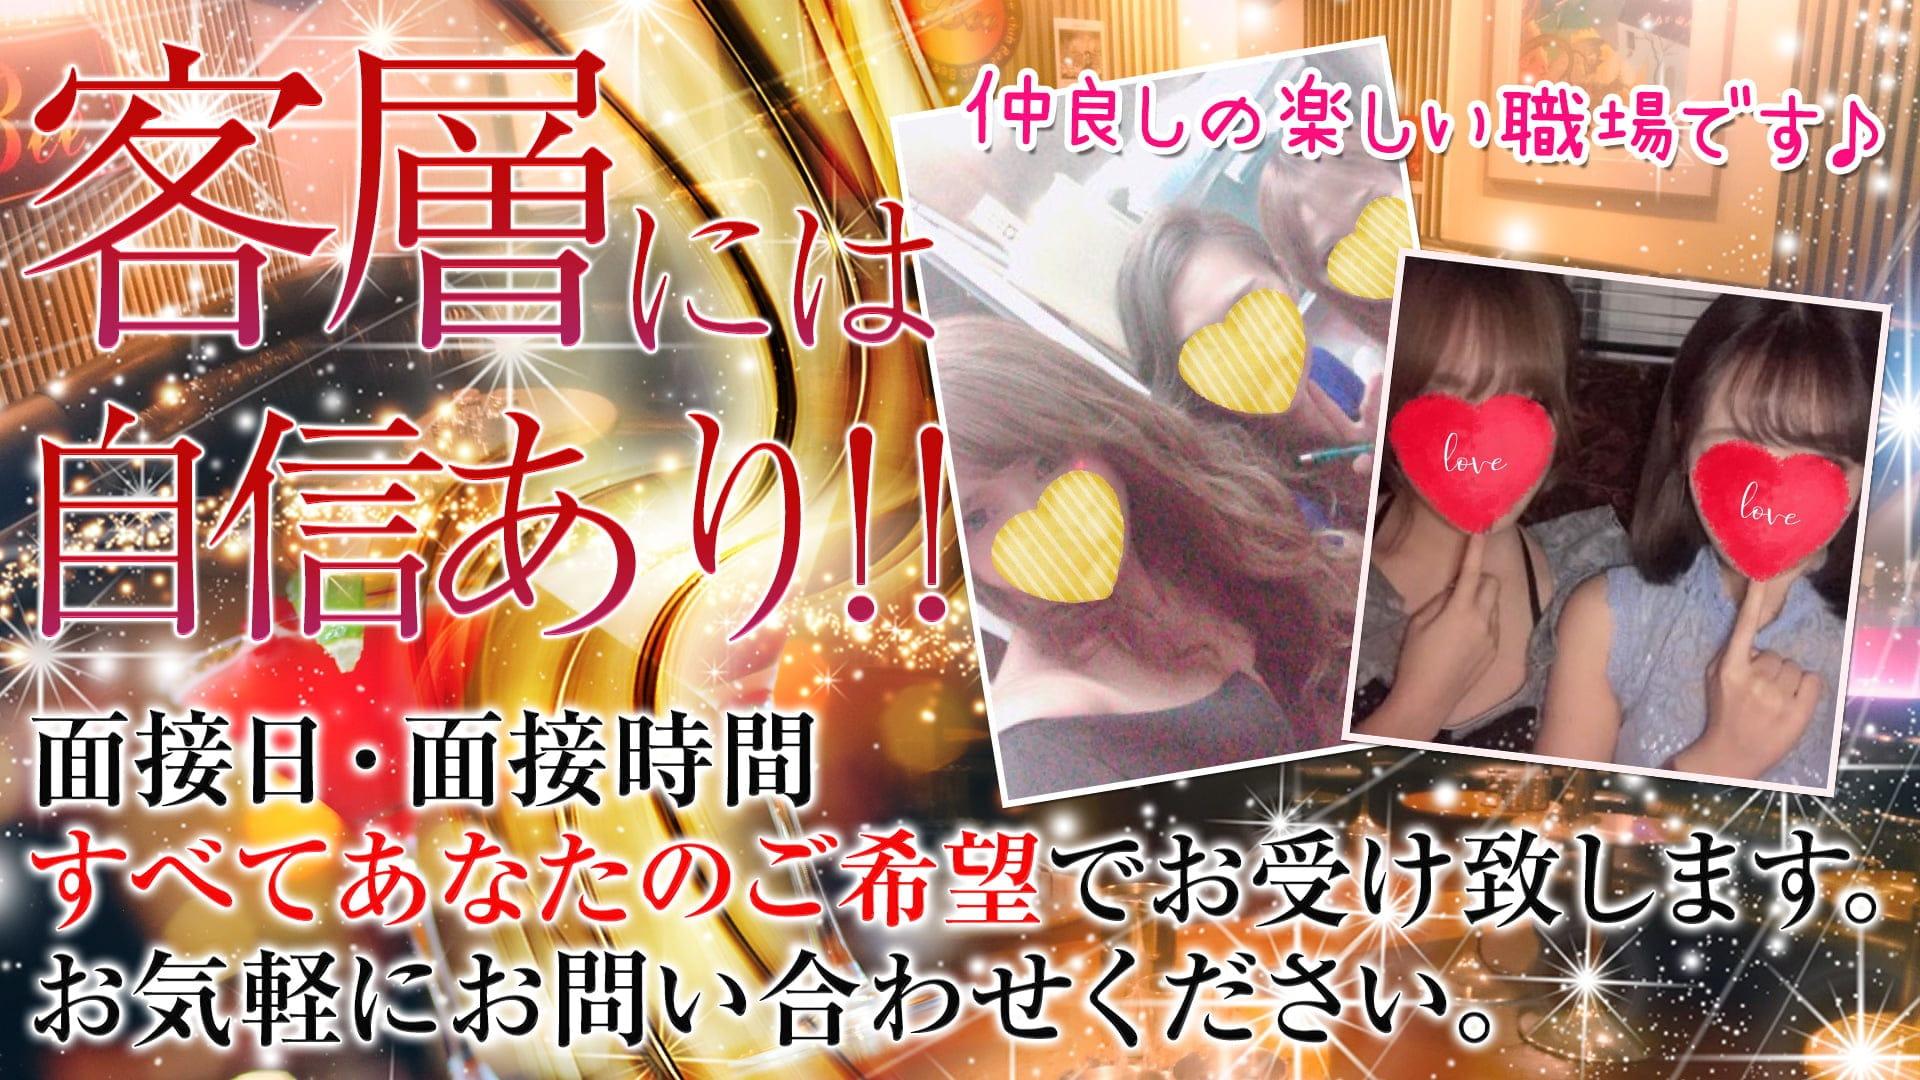 【目黒駅】club Bee(ビー)【公式求人・体入情報】 恵比寿キャバクラ TOP画像